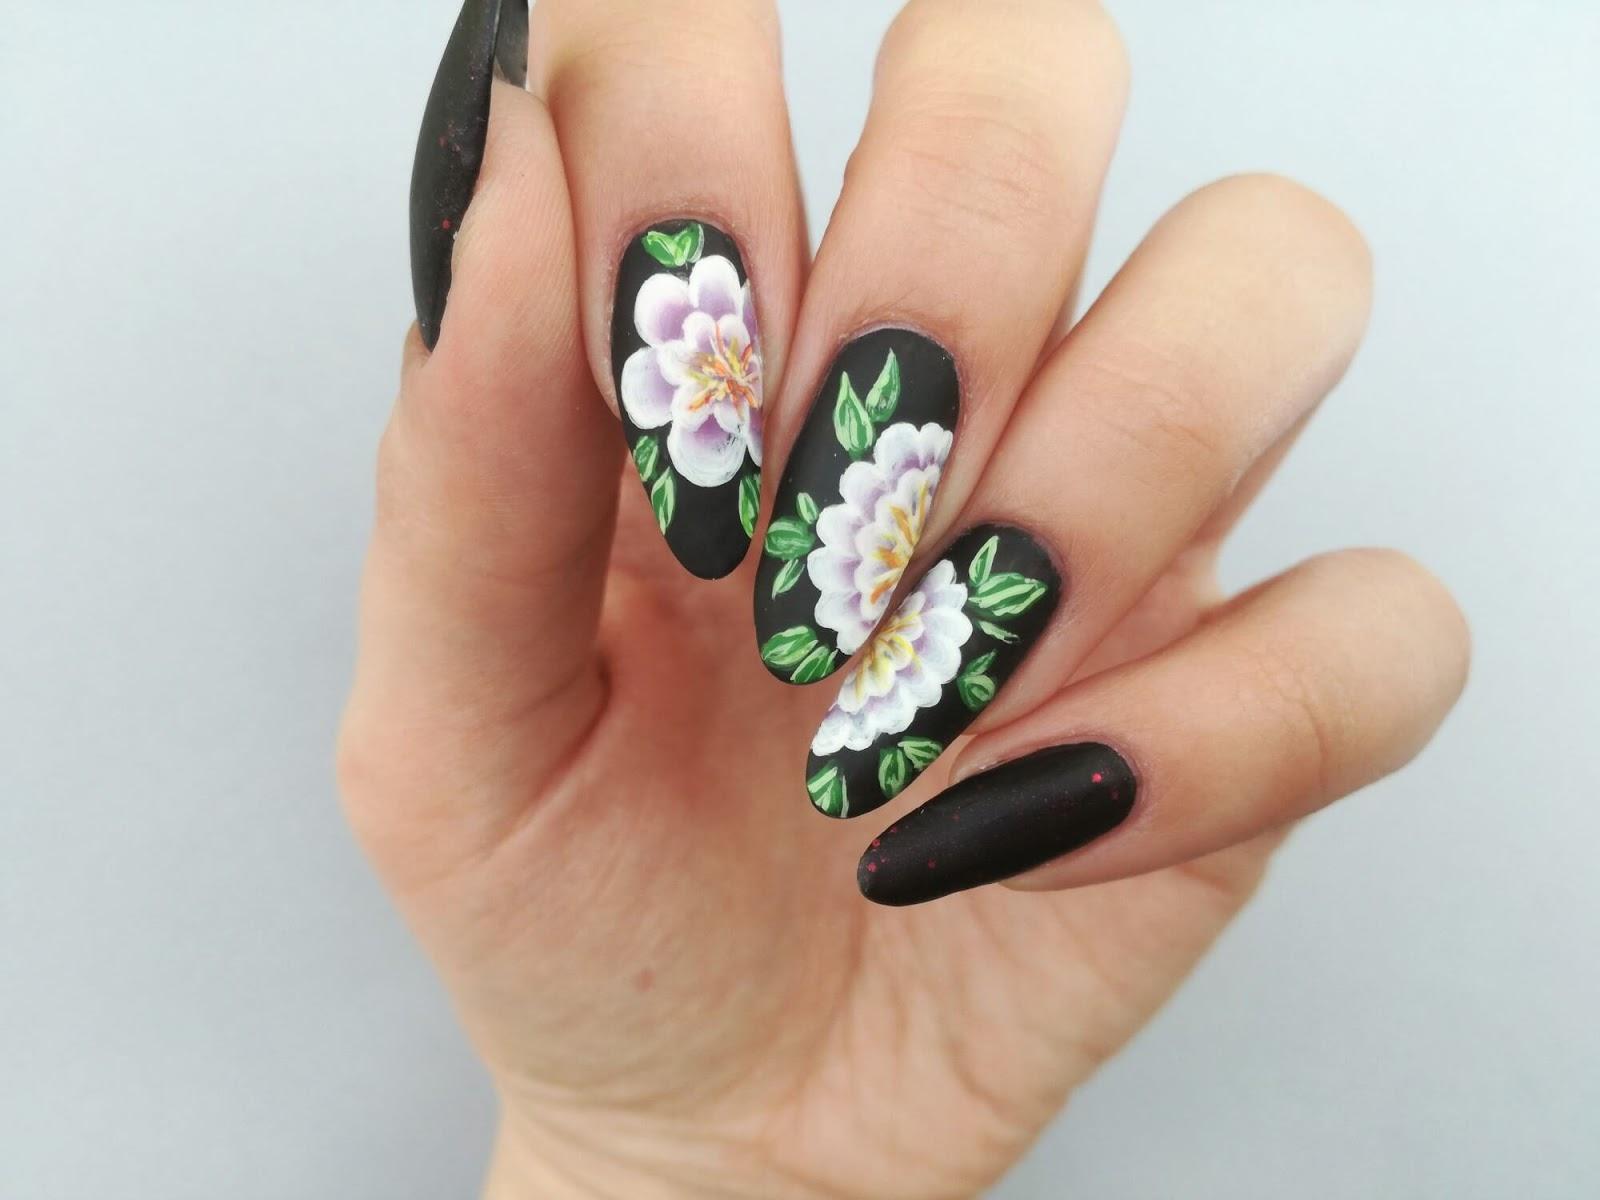 czarne paznokcie w kwiaty